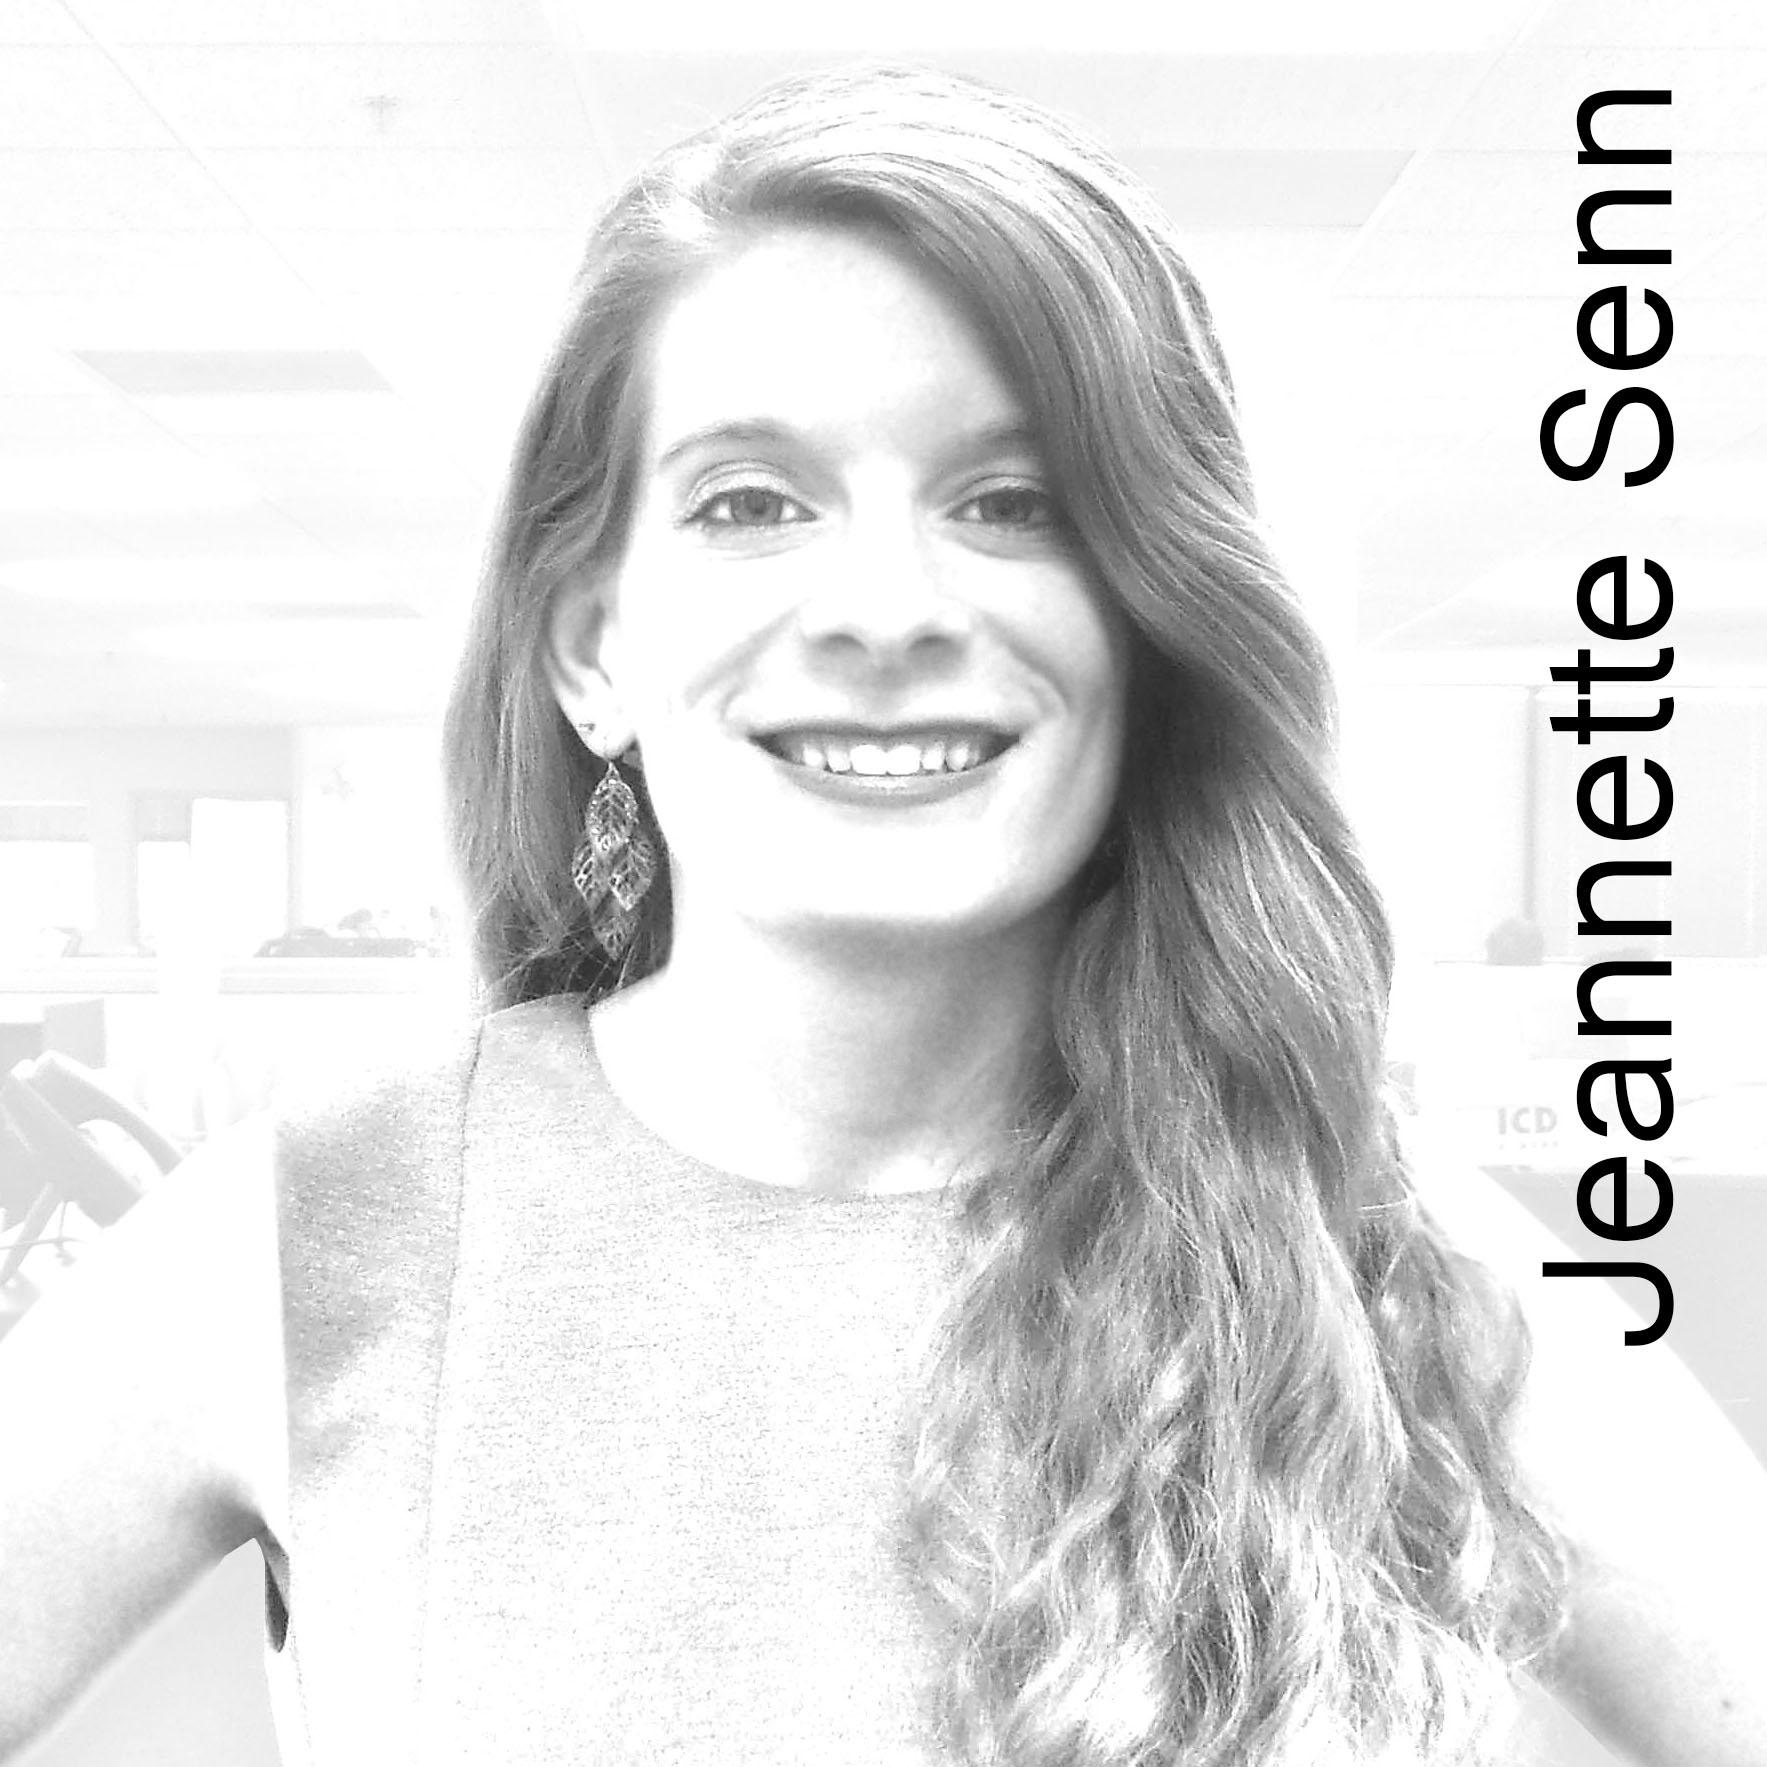 jeannette_square.jpg